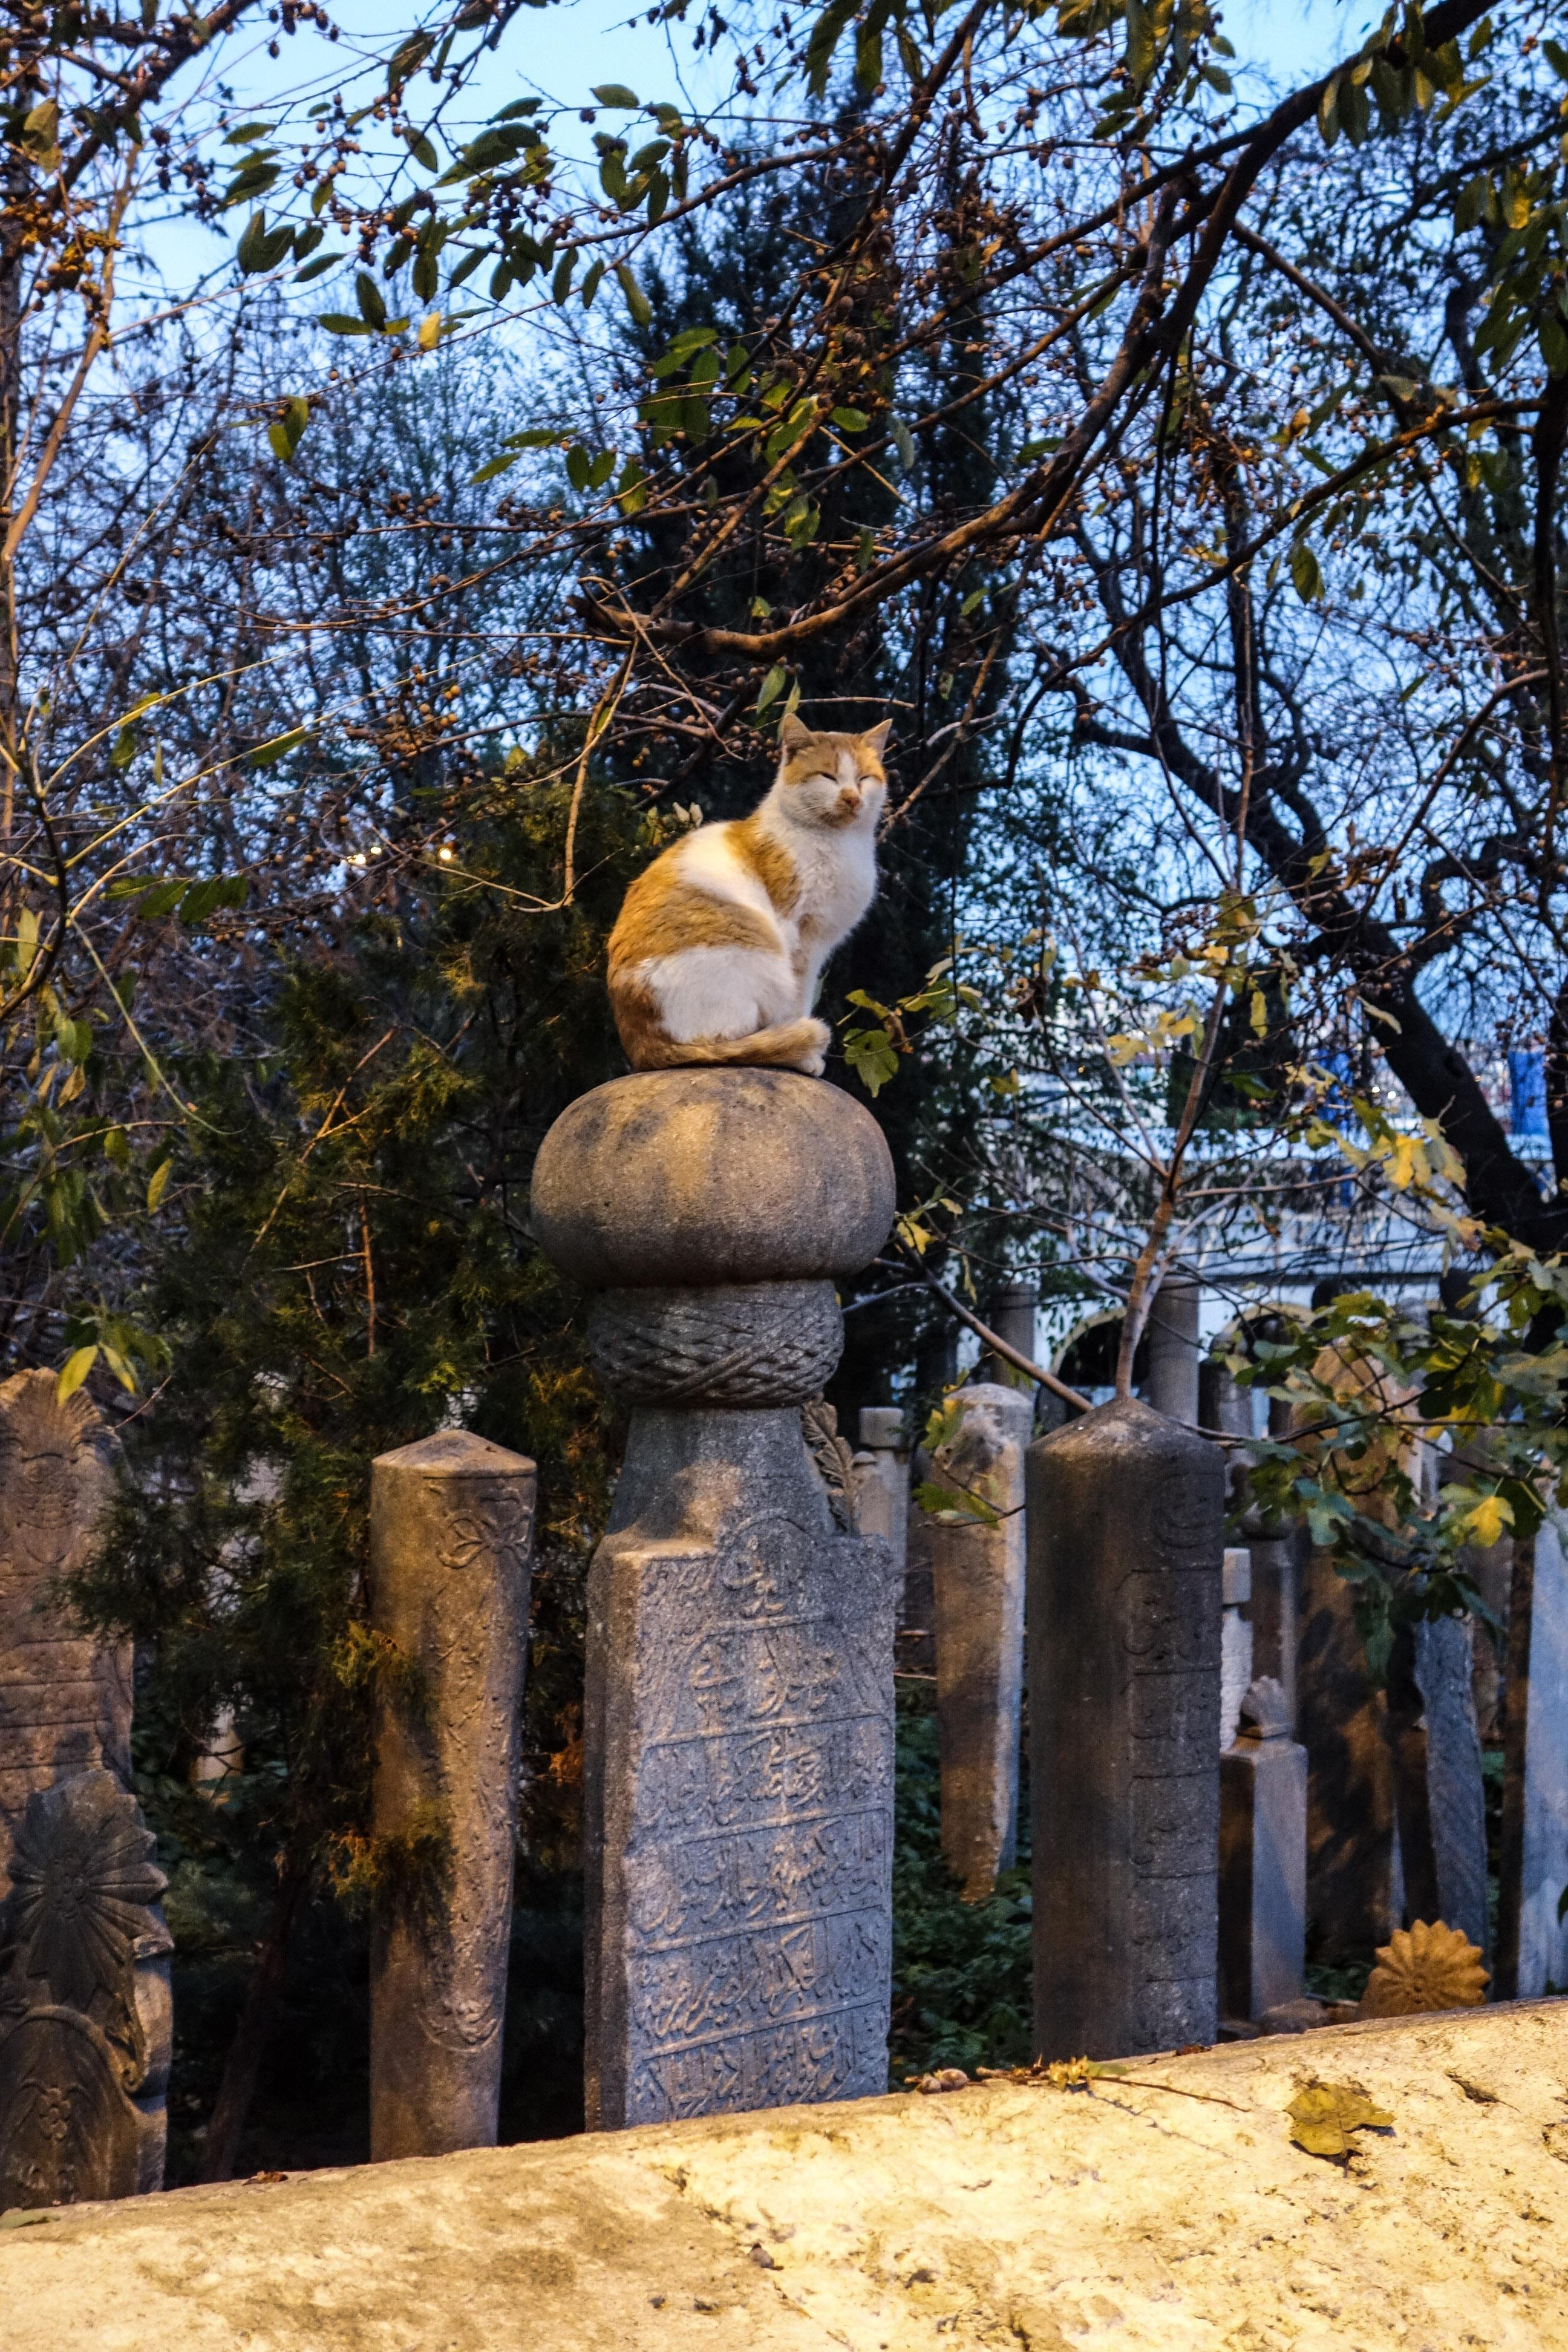 I veri padroni di Eyup sono i gatti